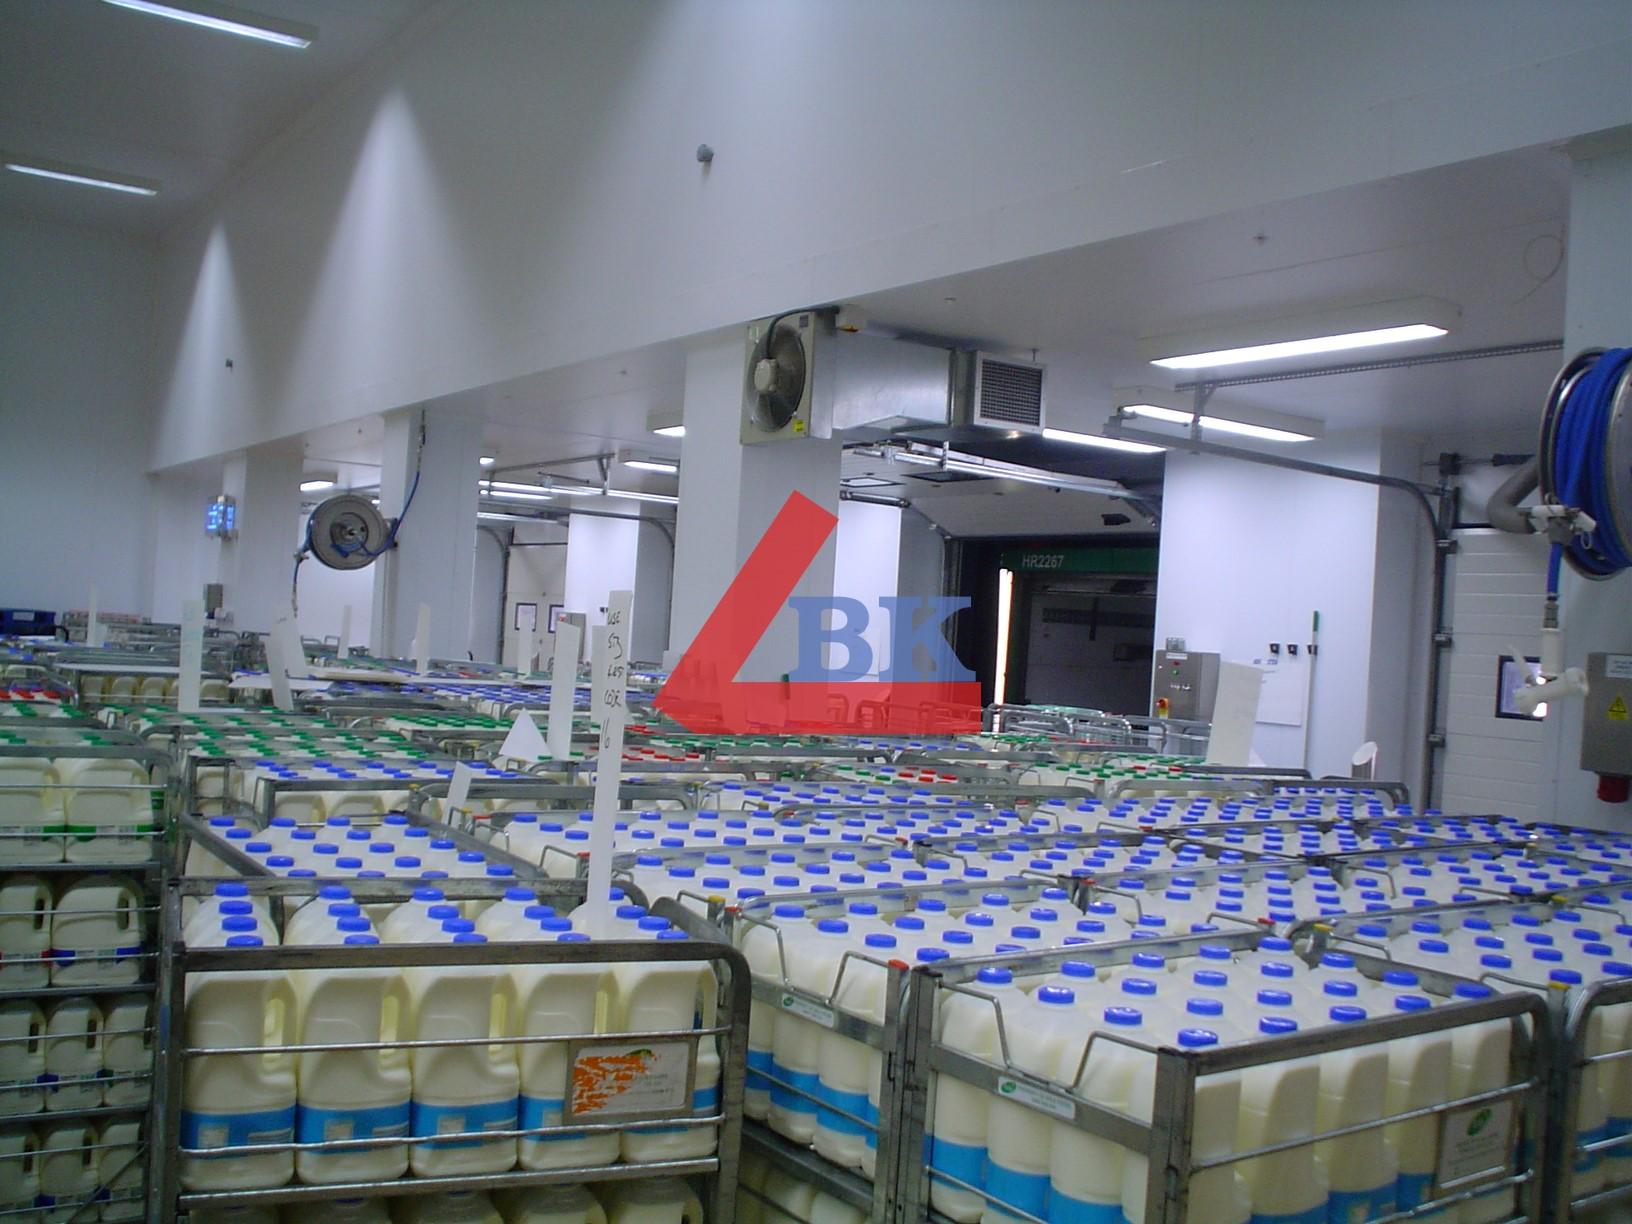 Lắp đặt kho lạnh tại tphcm, lắp kho lạnh công nghiệp toàn quốc